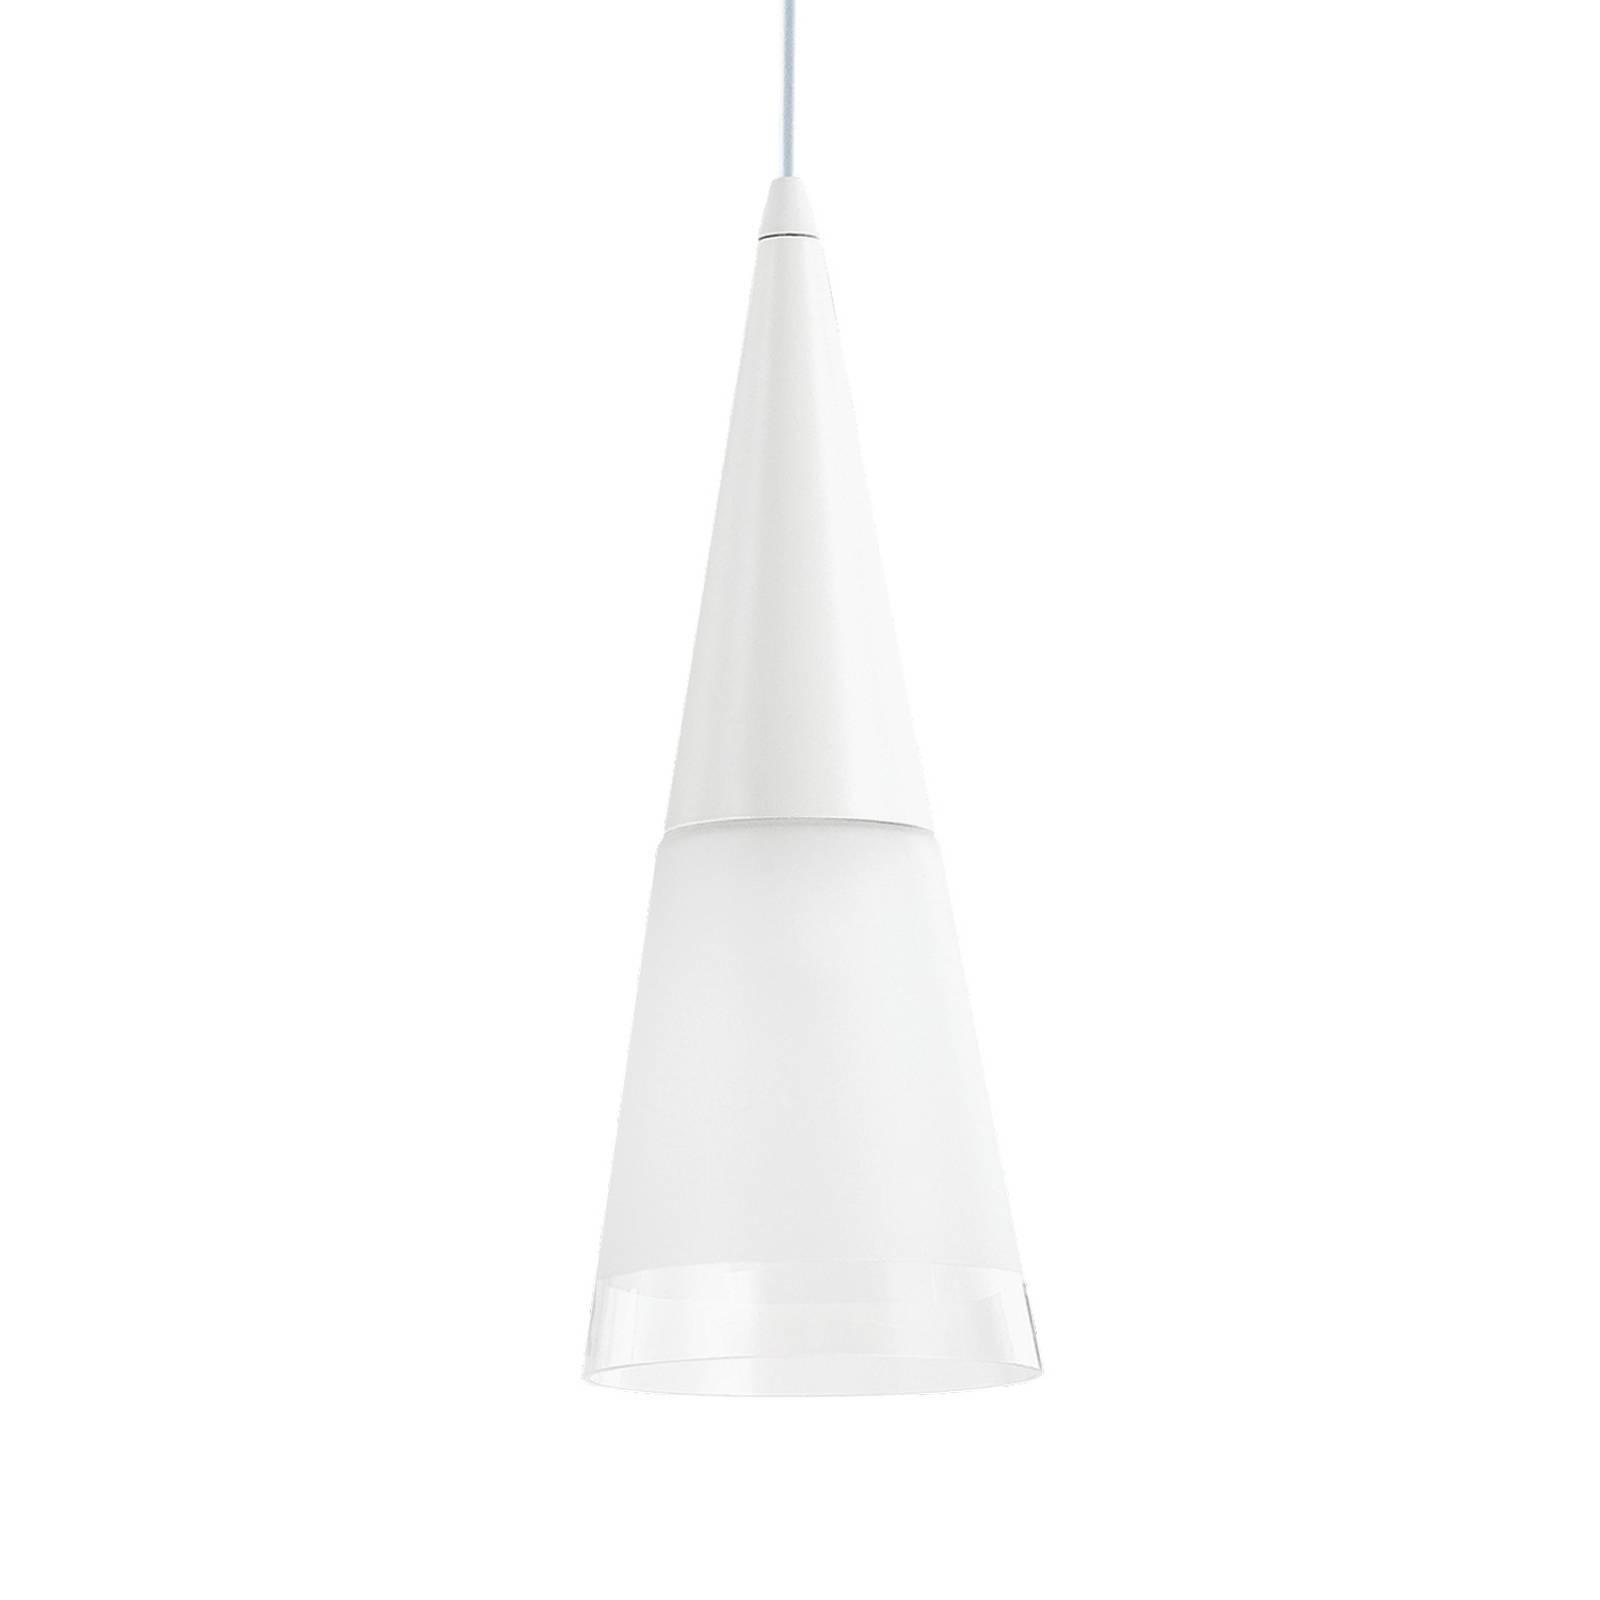 Riippuvalo Cono 1-lamppuinen valkoinen/läpinäkyvä